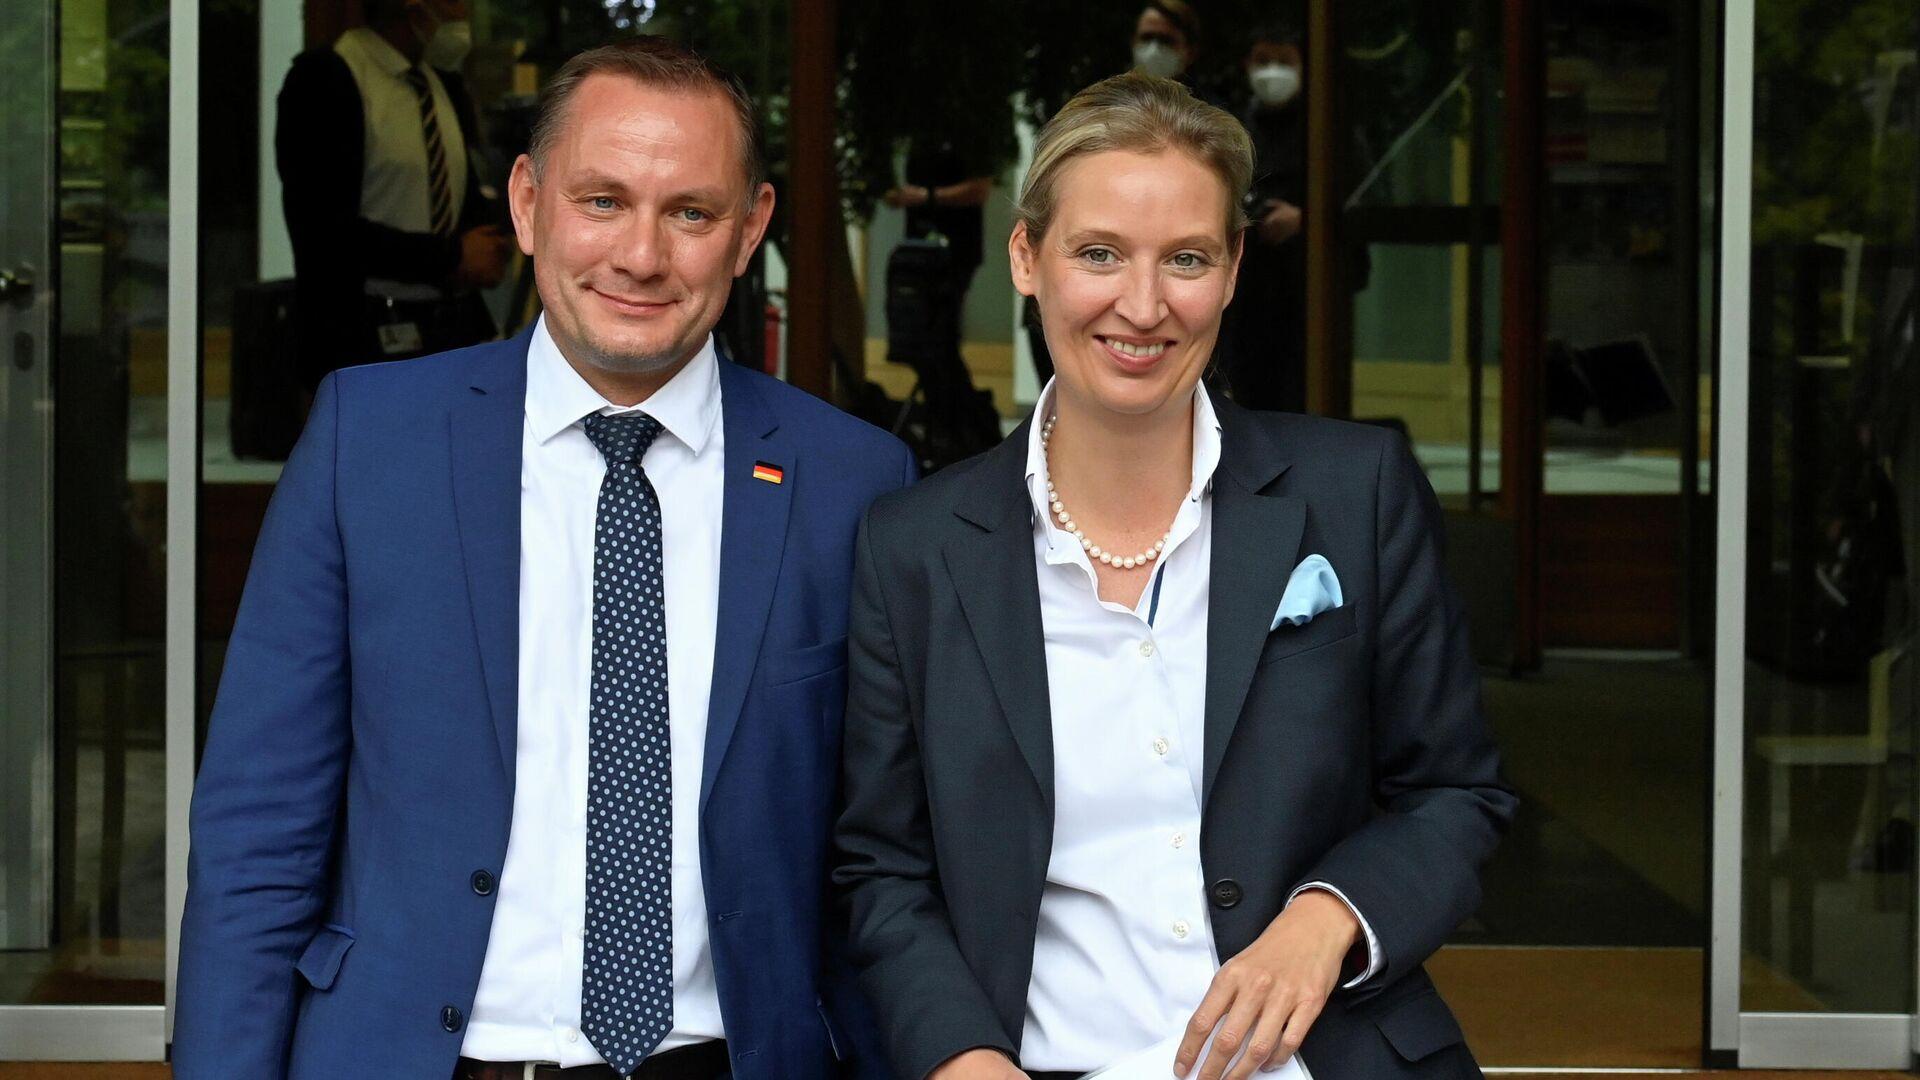 Alice Weidel und Tino Chrupalla zu AfD-Fraktionsvorsitzenden gewählt  - SNA, 1920, 01.10.2021